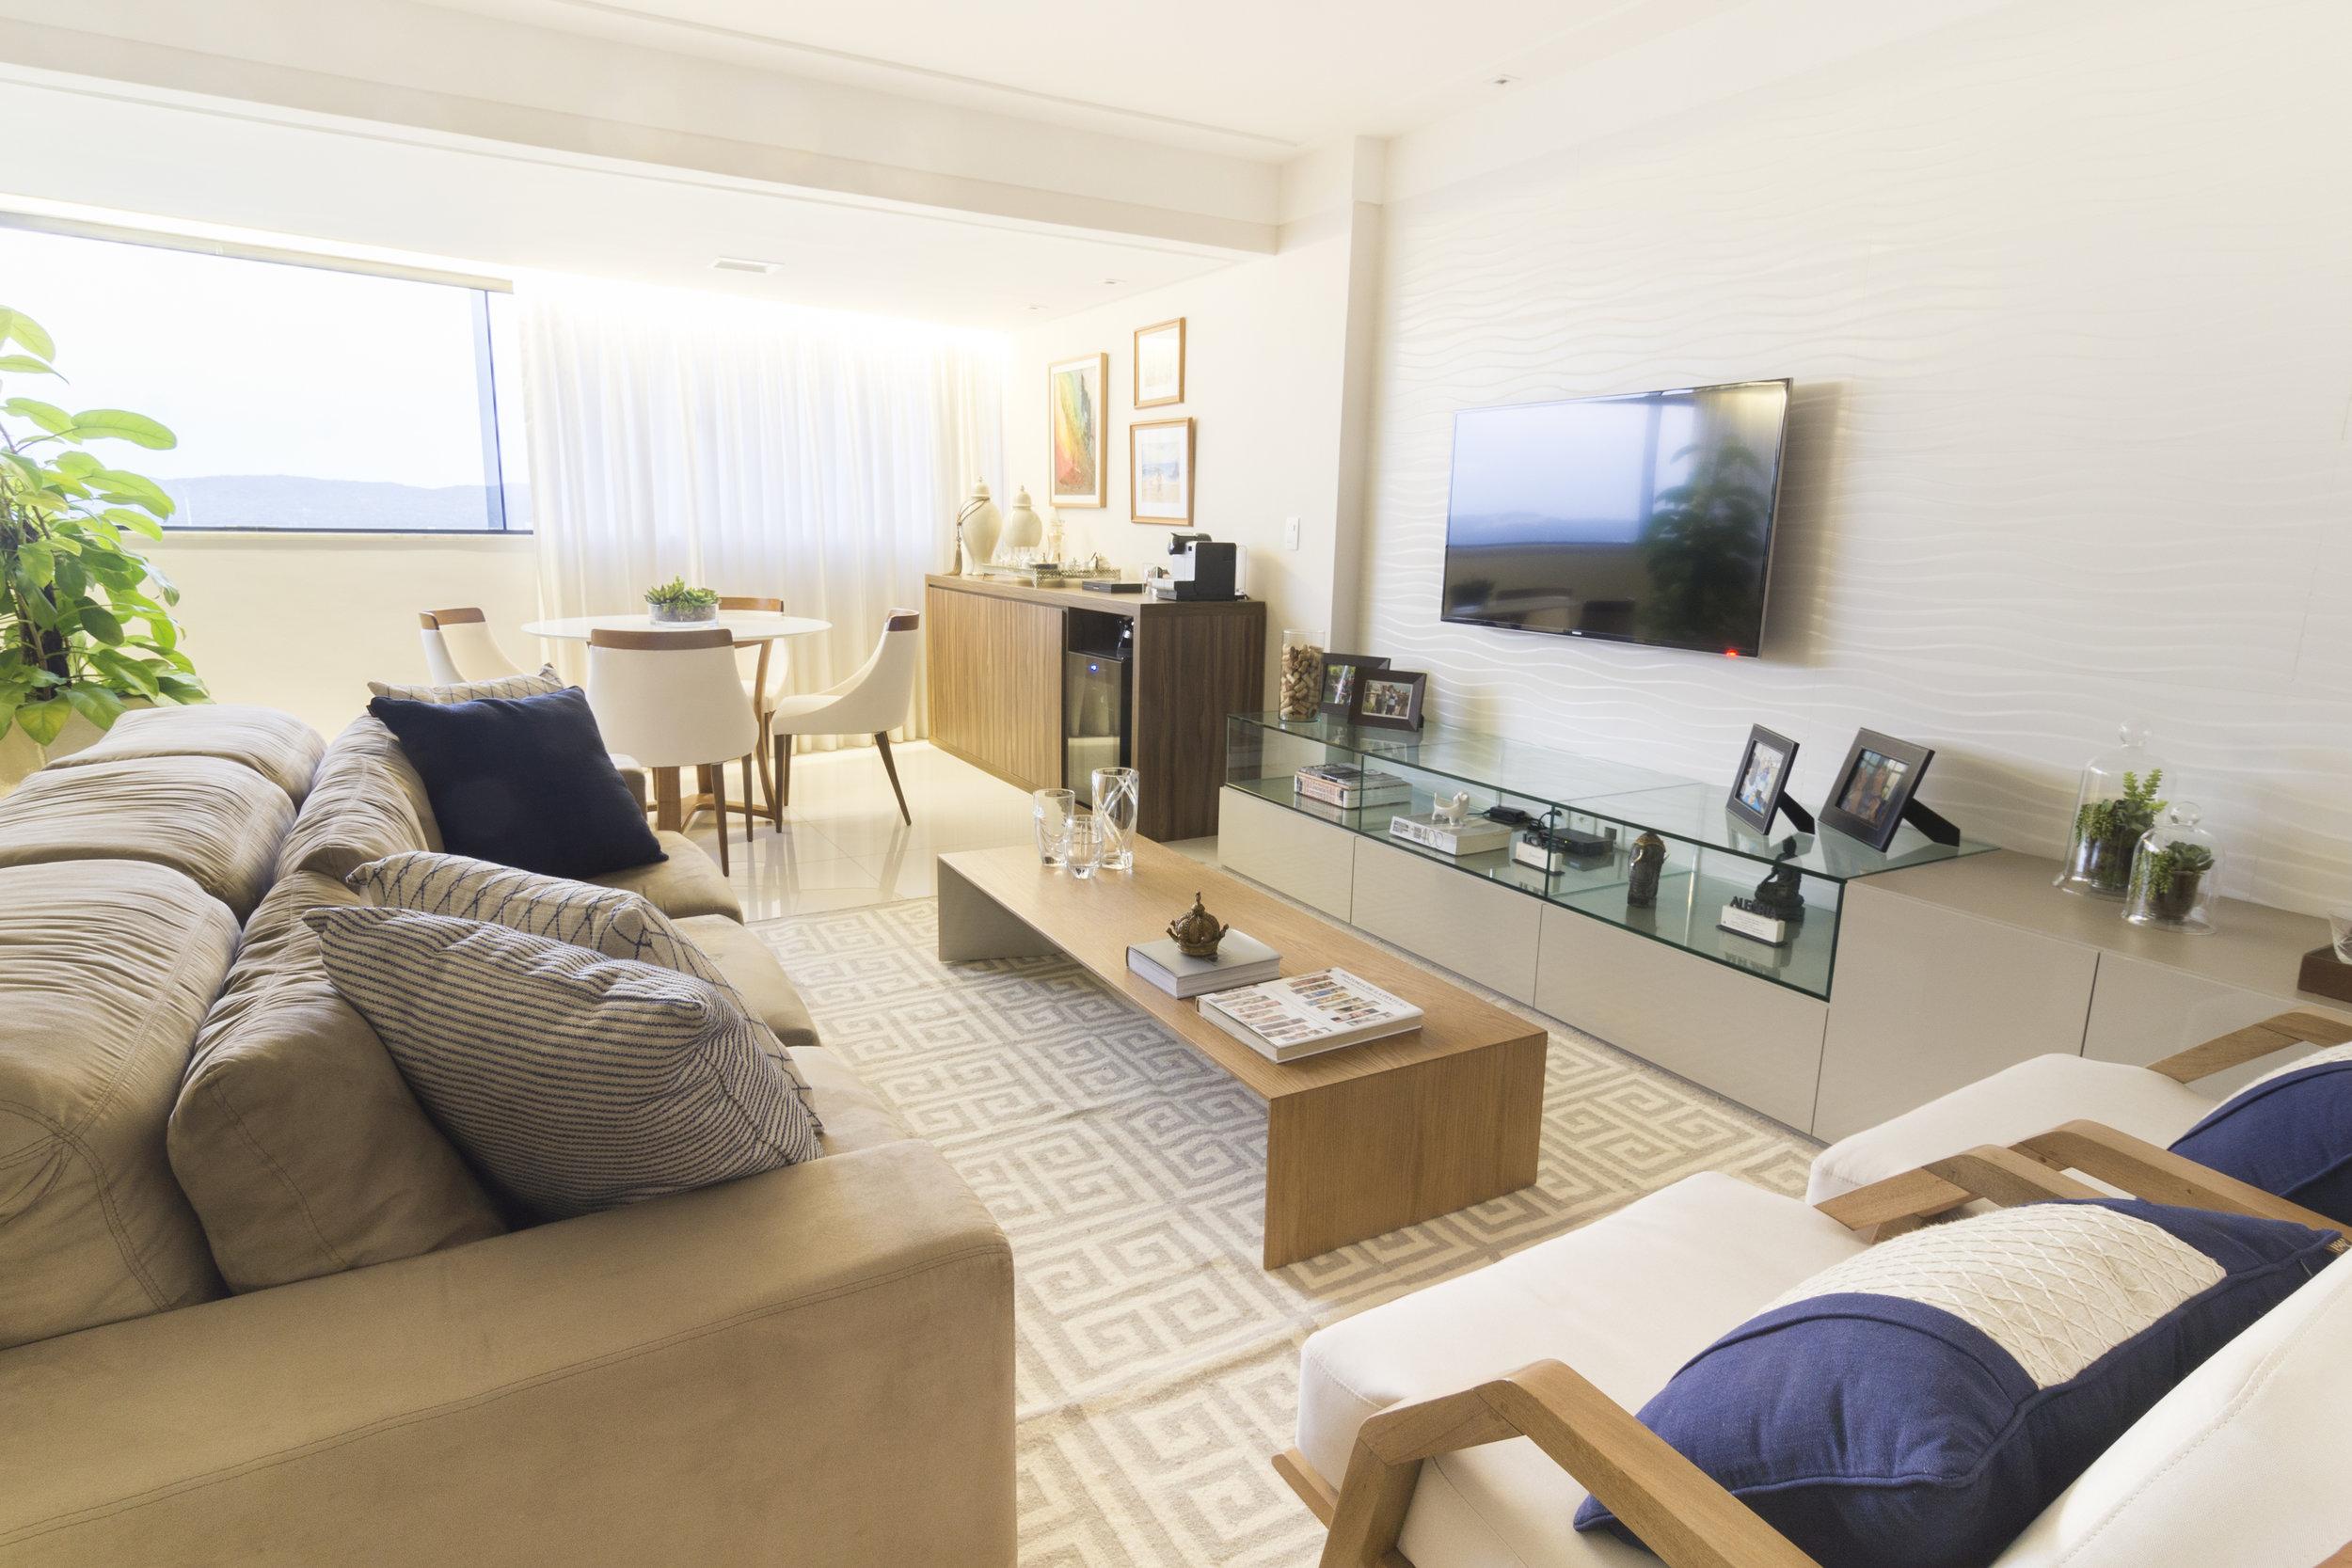 projeto-arquitetonico-luciananilton-duo-arquitetura-apartamentos-natal-012.jpg